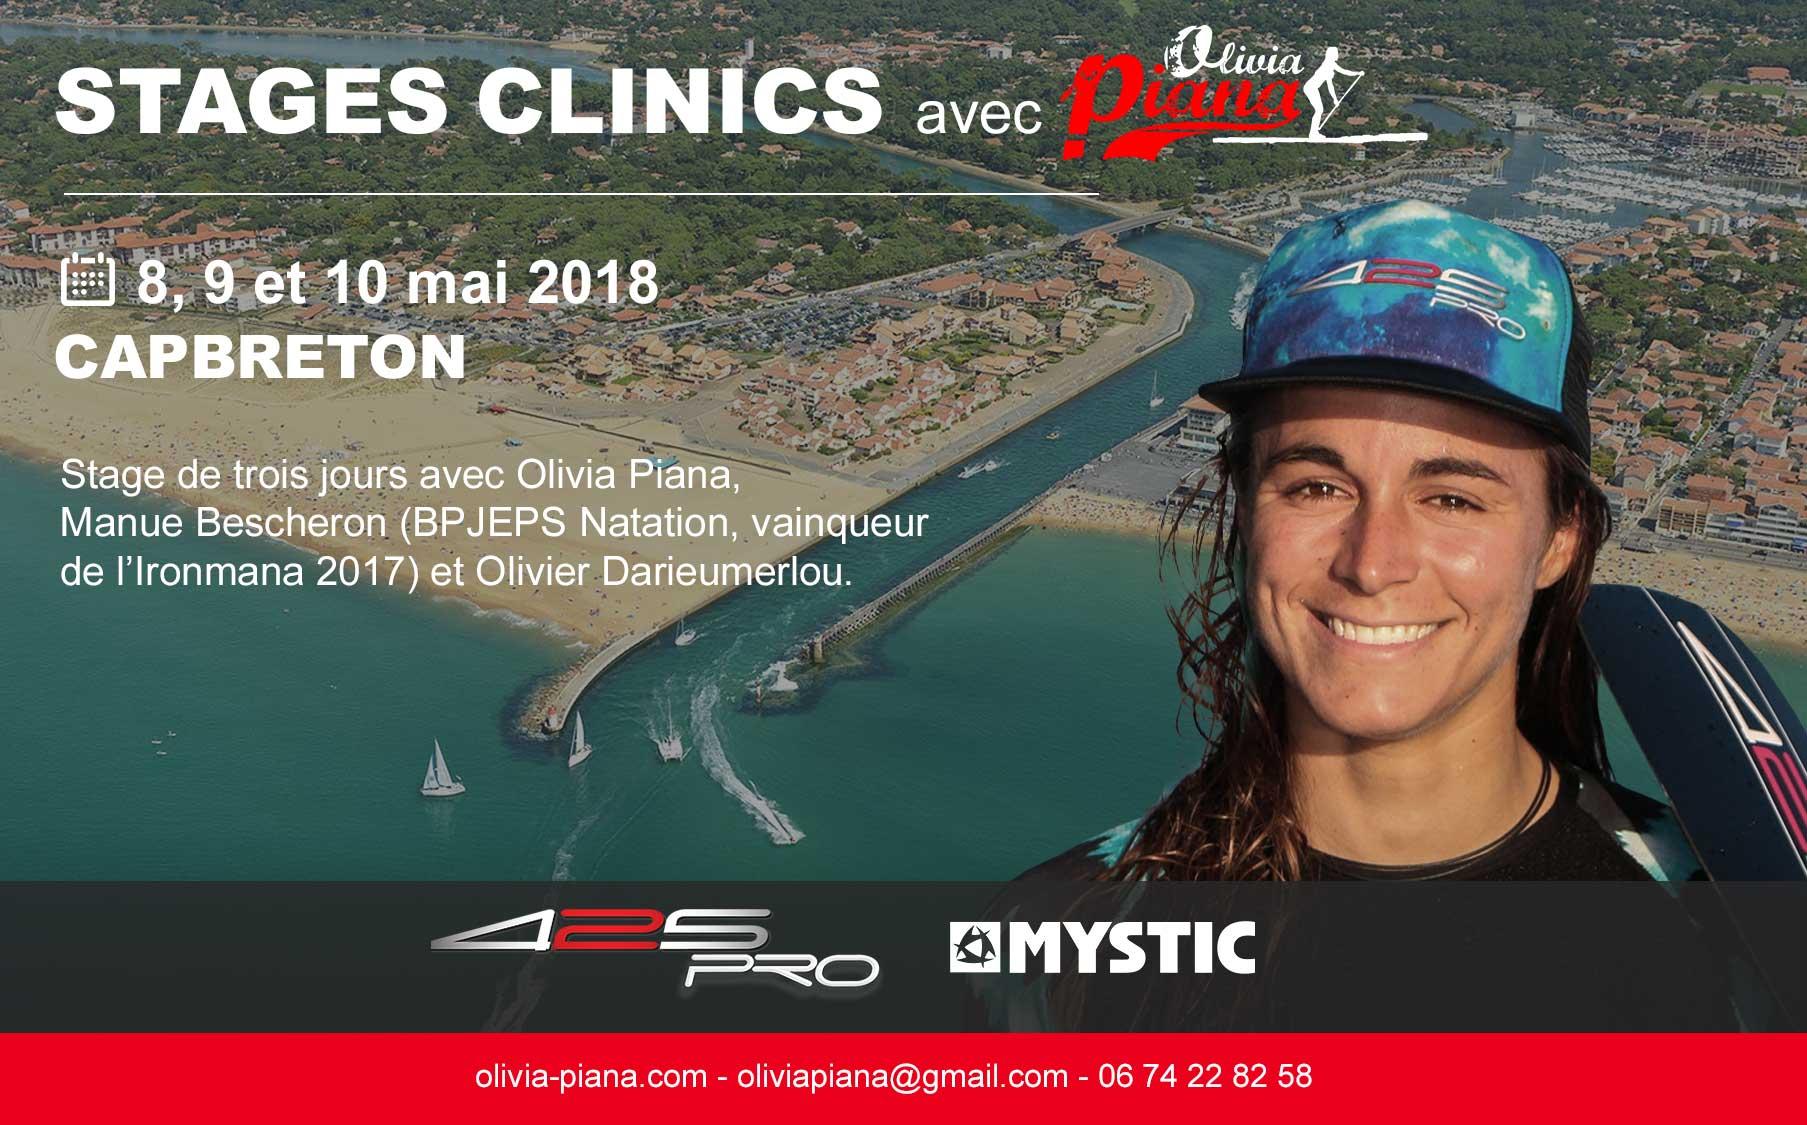 Stage & clinic à Capbreton les 8, 9 et 10 mai 2018